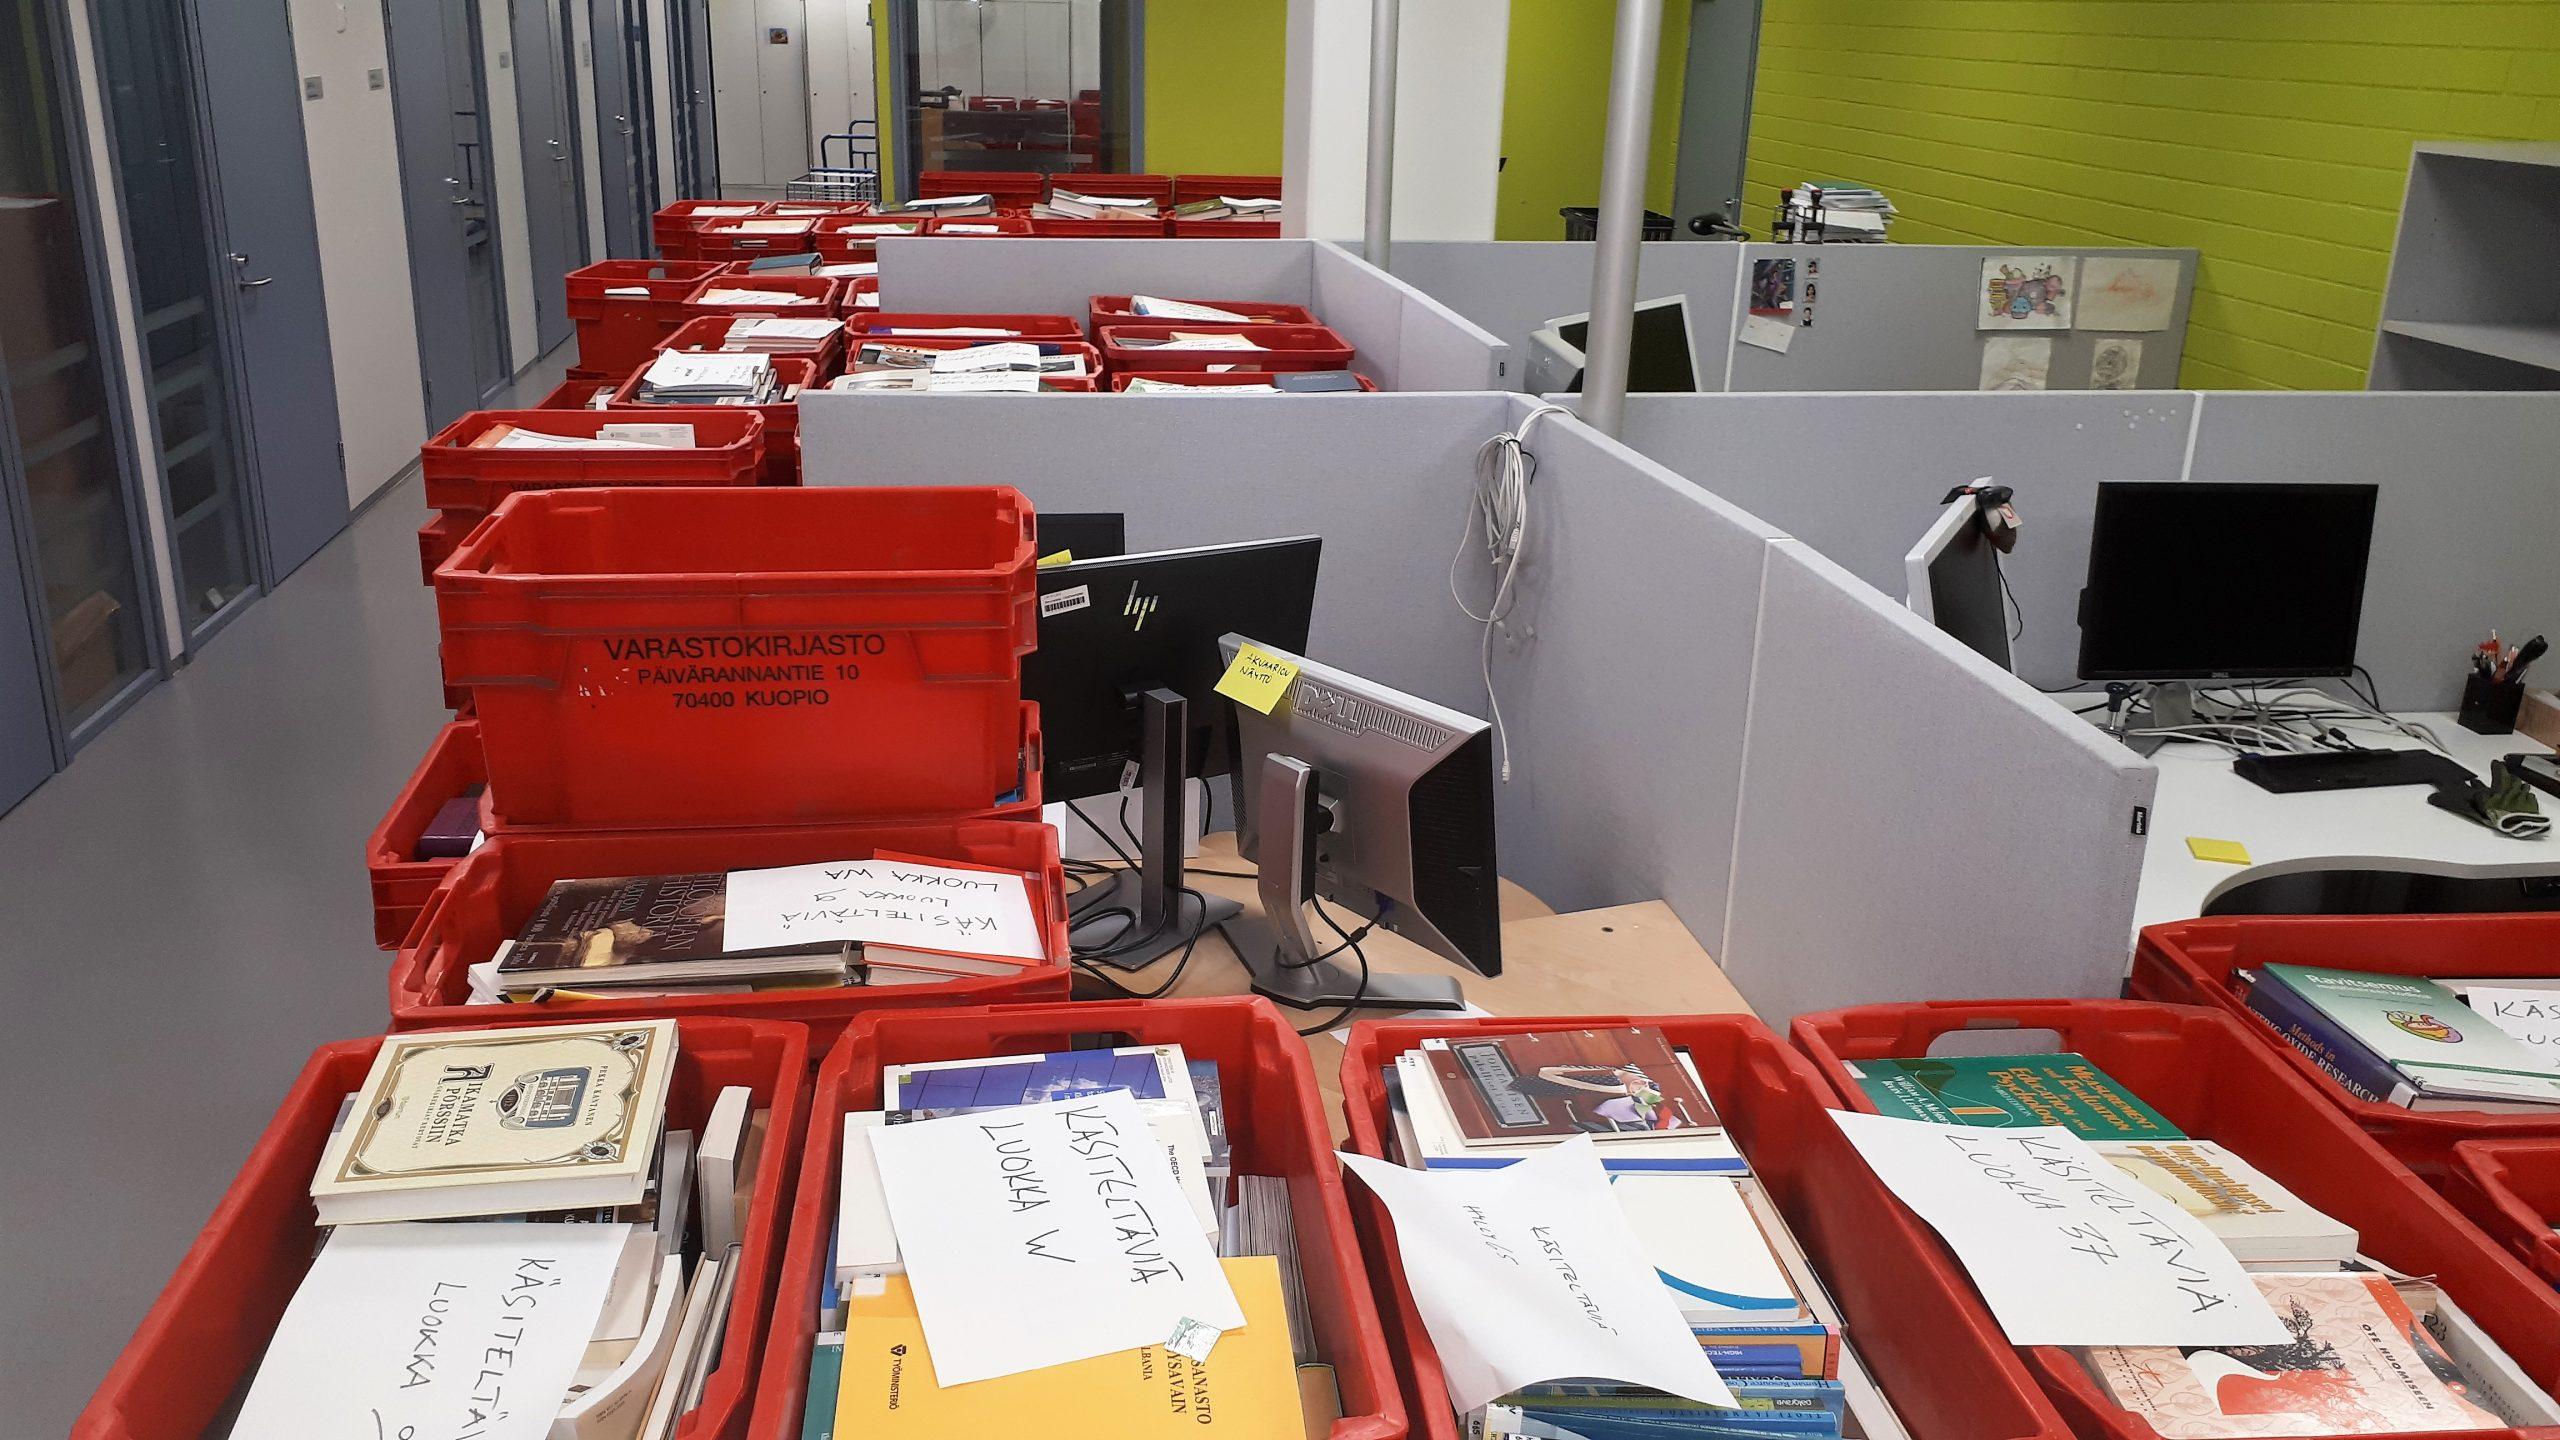 Kirjalaatikoita avokonttorin työpisteissä.